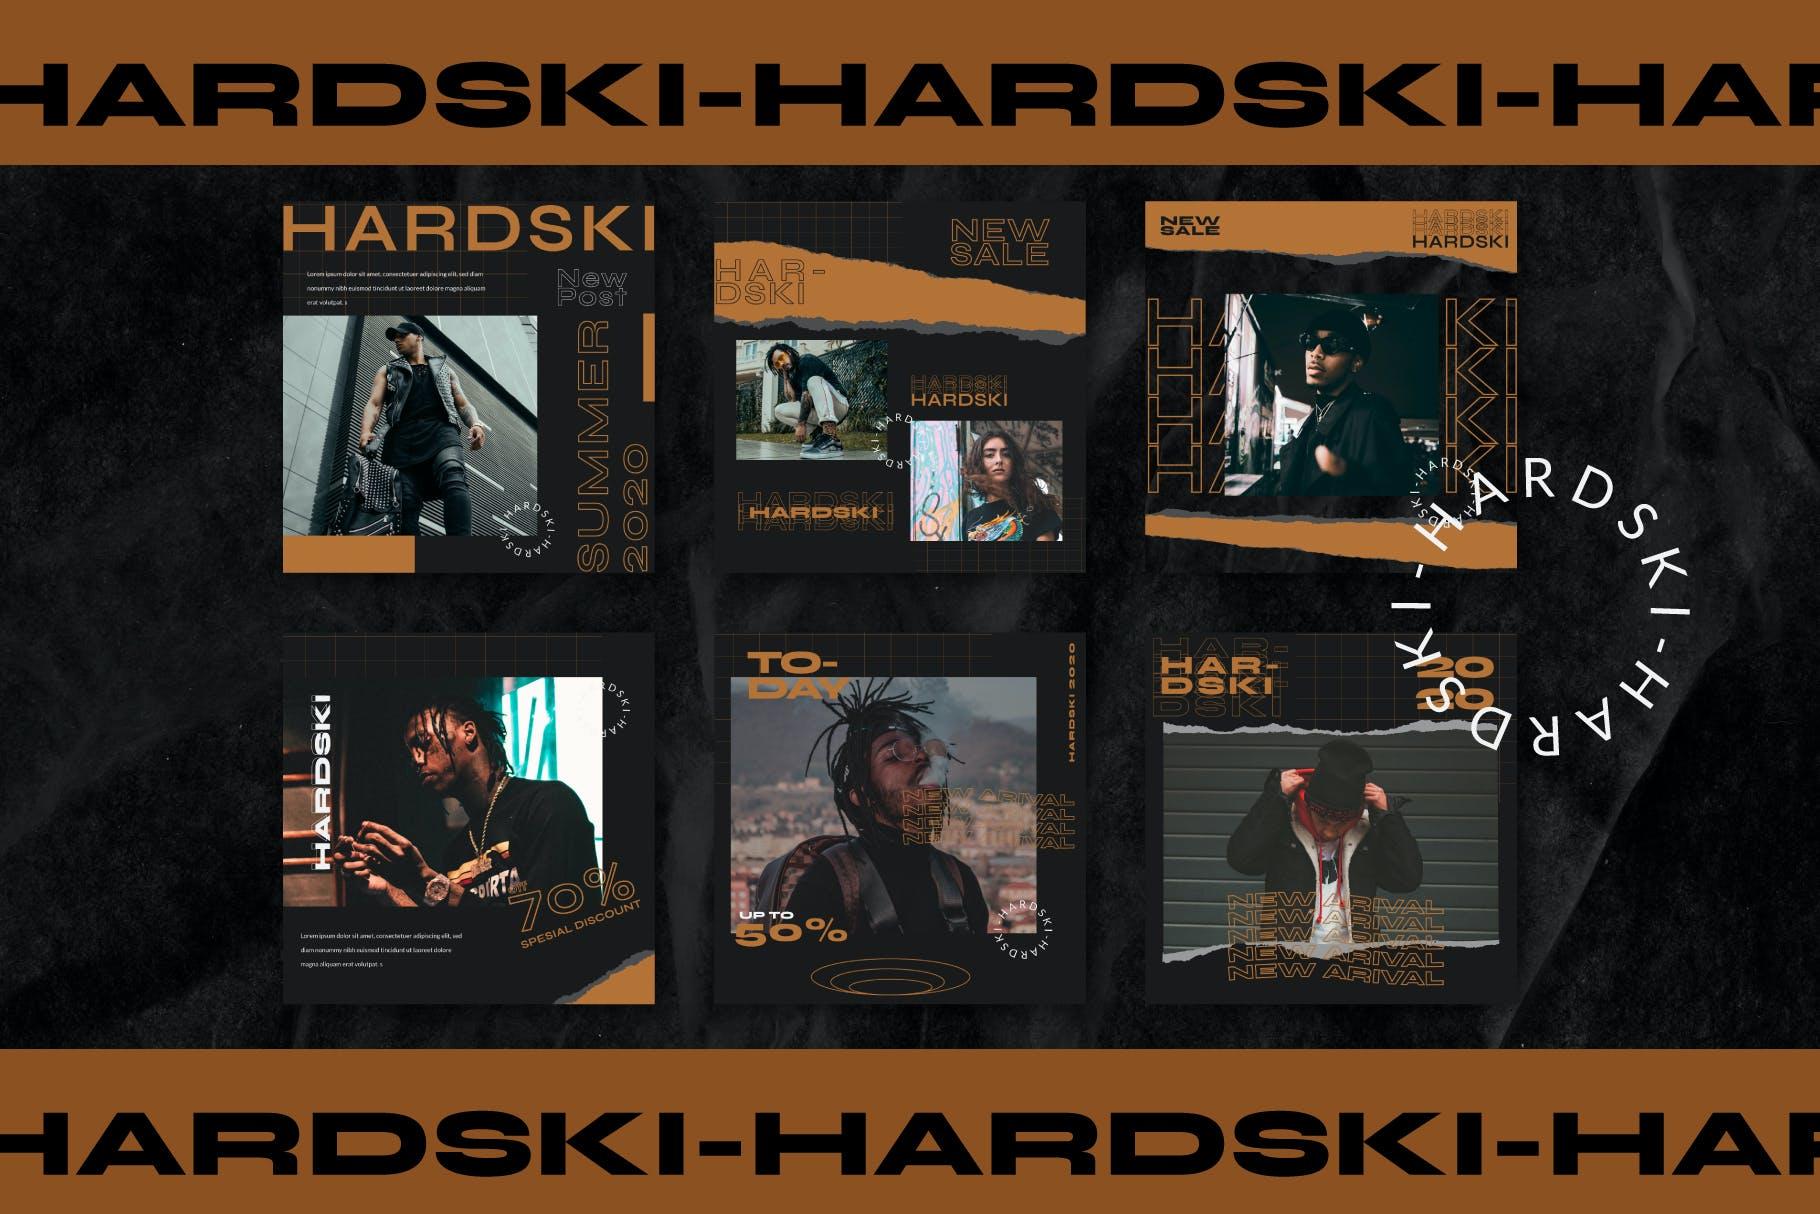 潮流街头潮牌服装推广新媒体电商海报设计PSD模板 Hardski – Instagram Post And Stories插图(8)